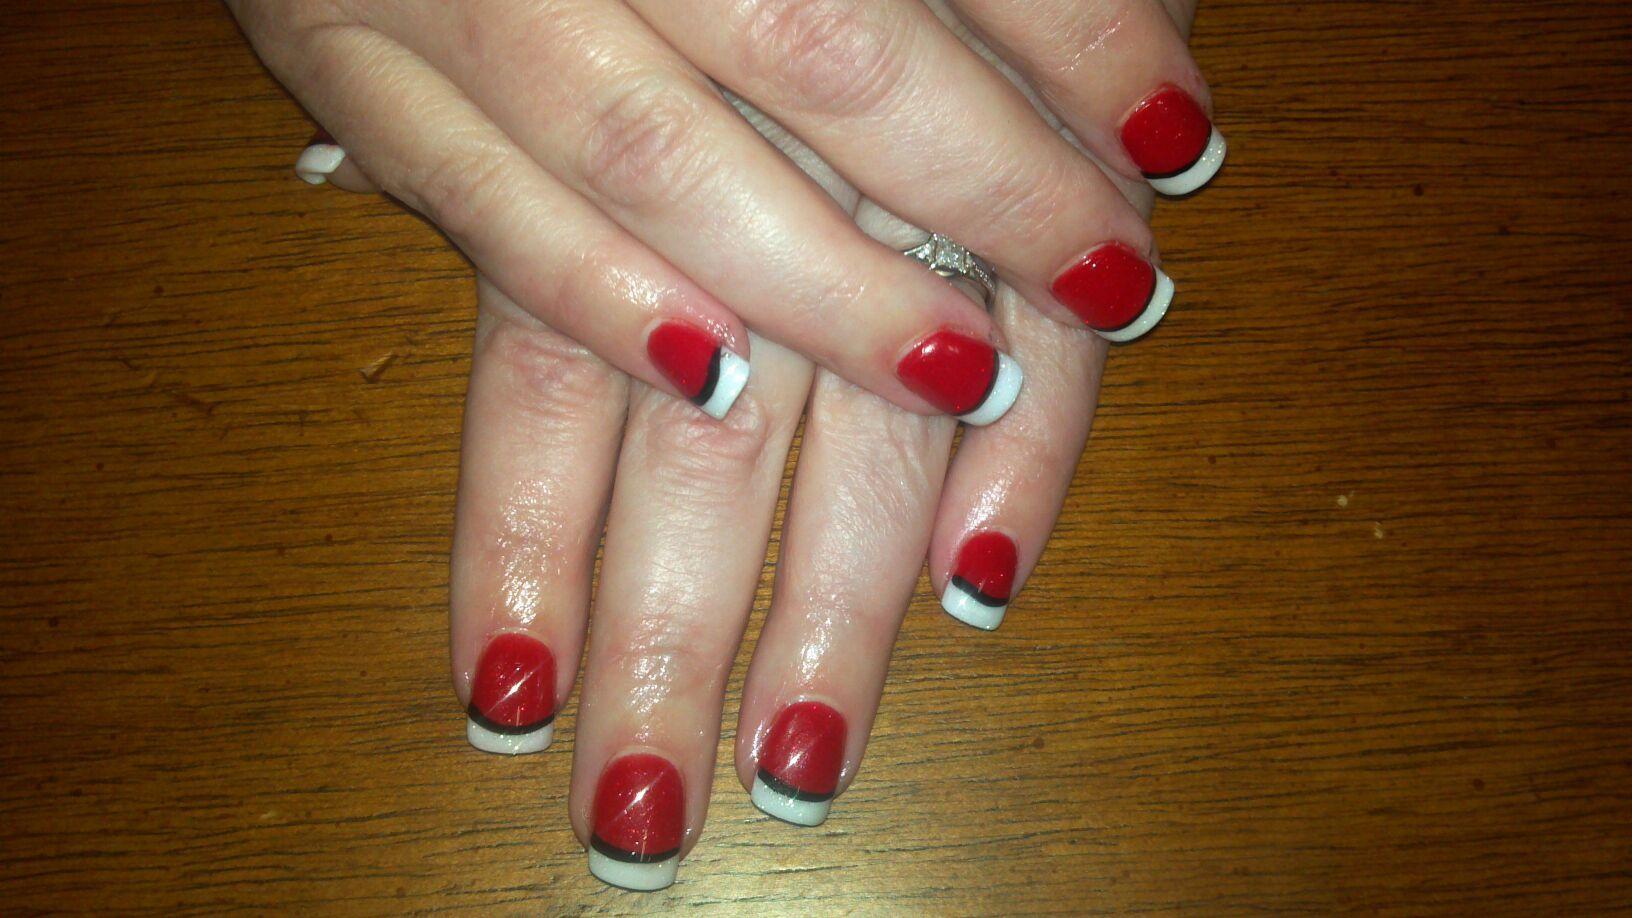 Christmas nails acrylic | Nails by LaShara | Pinterest